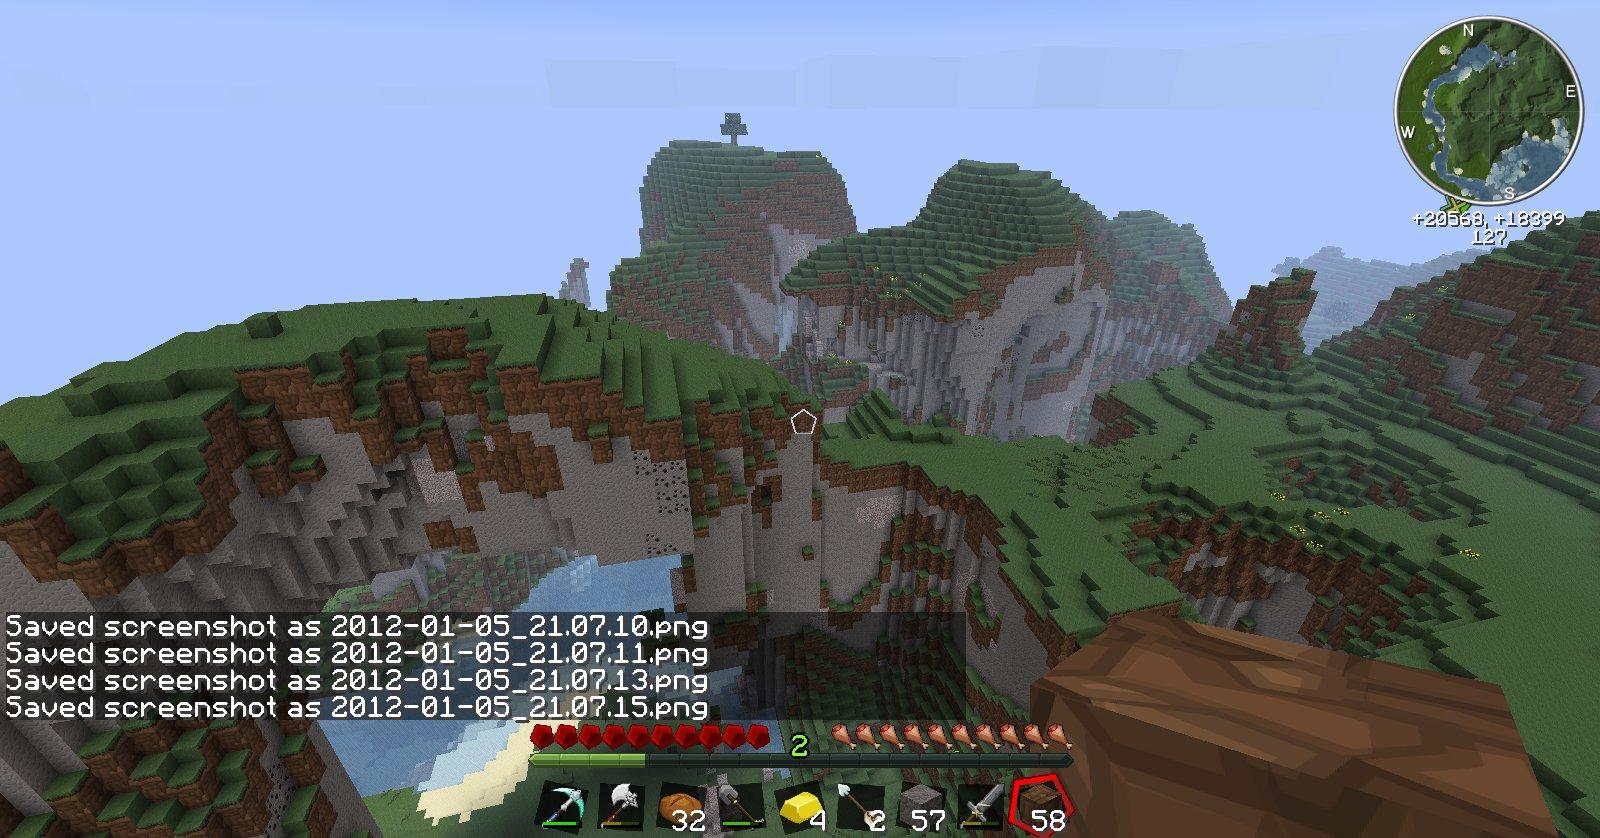 [Projet] Le Village dans les montagnes 2ac35a8d-1735-408c-8af9-4f84b6c576c6